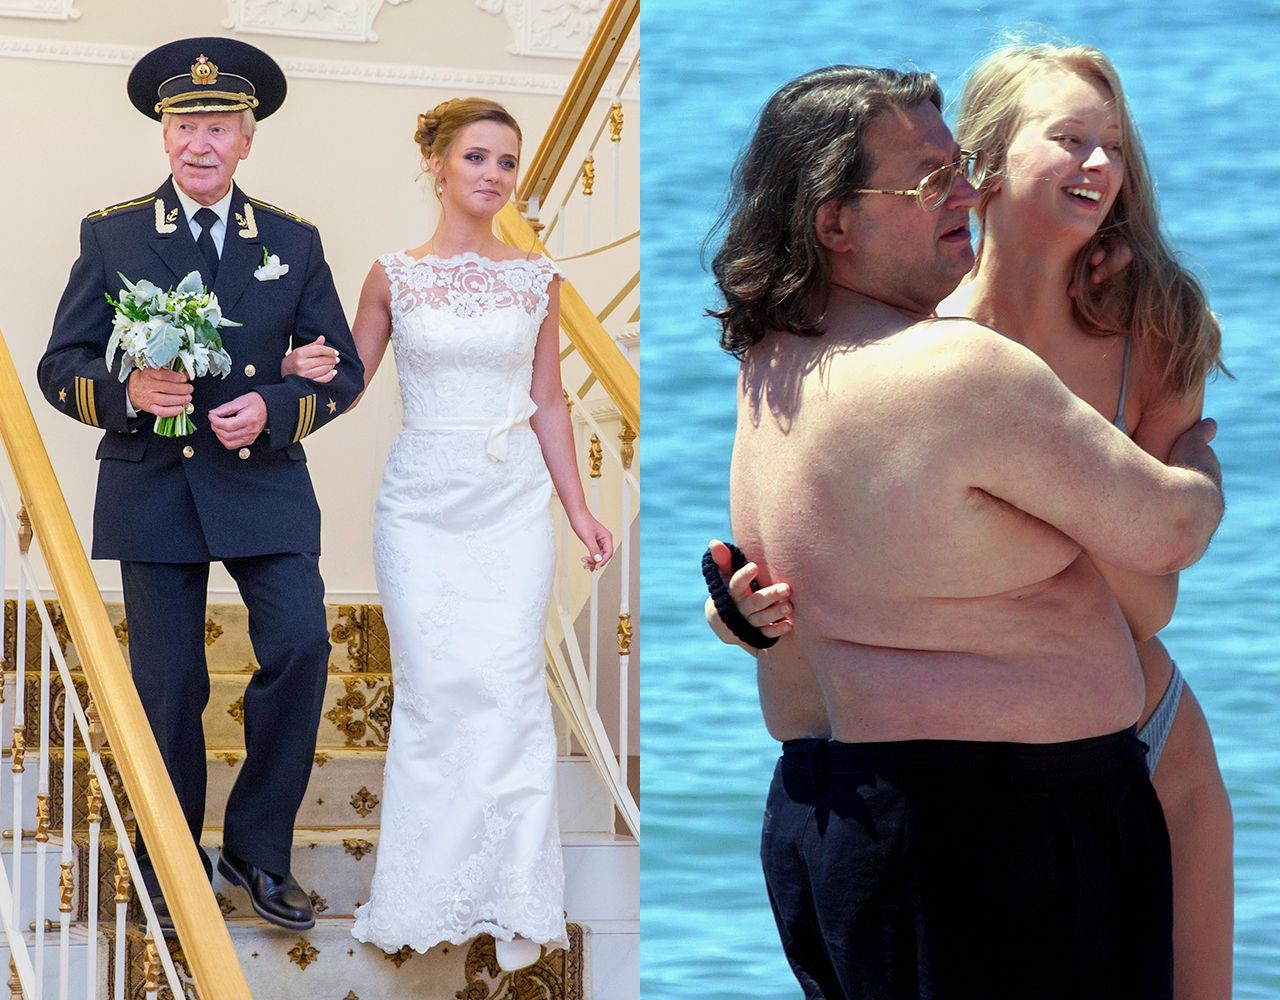 русское порно пожилых с молодыми бесплатно фото